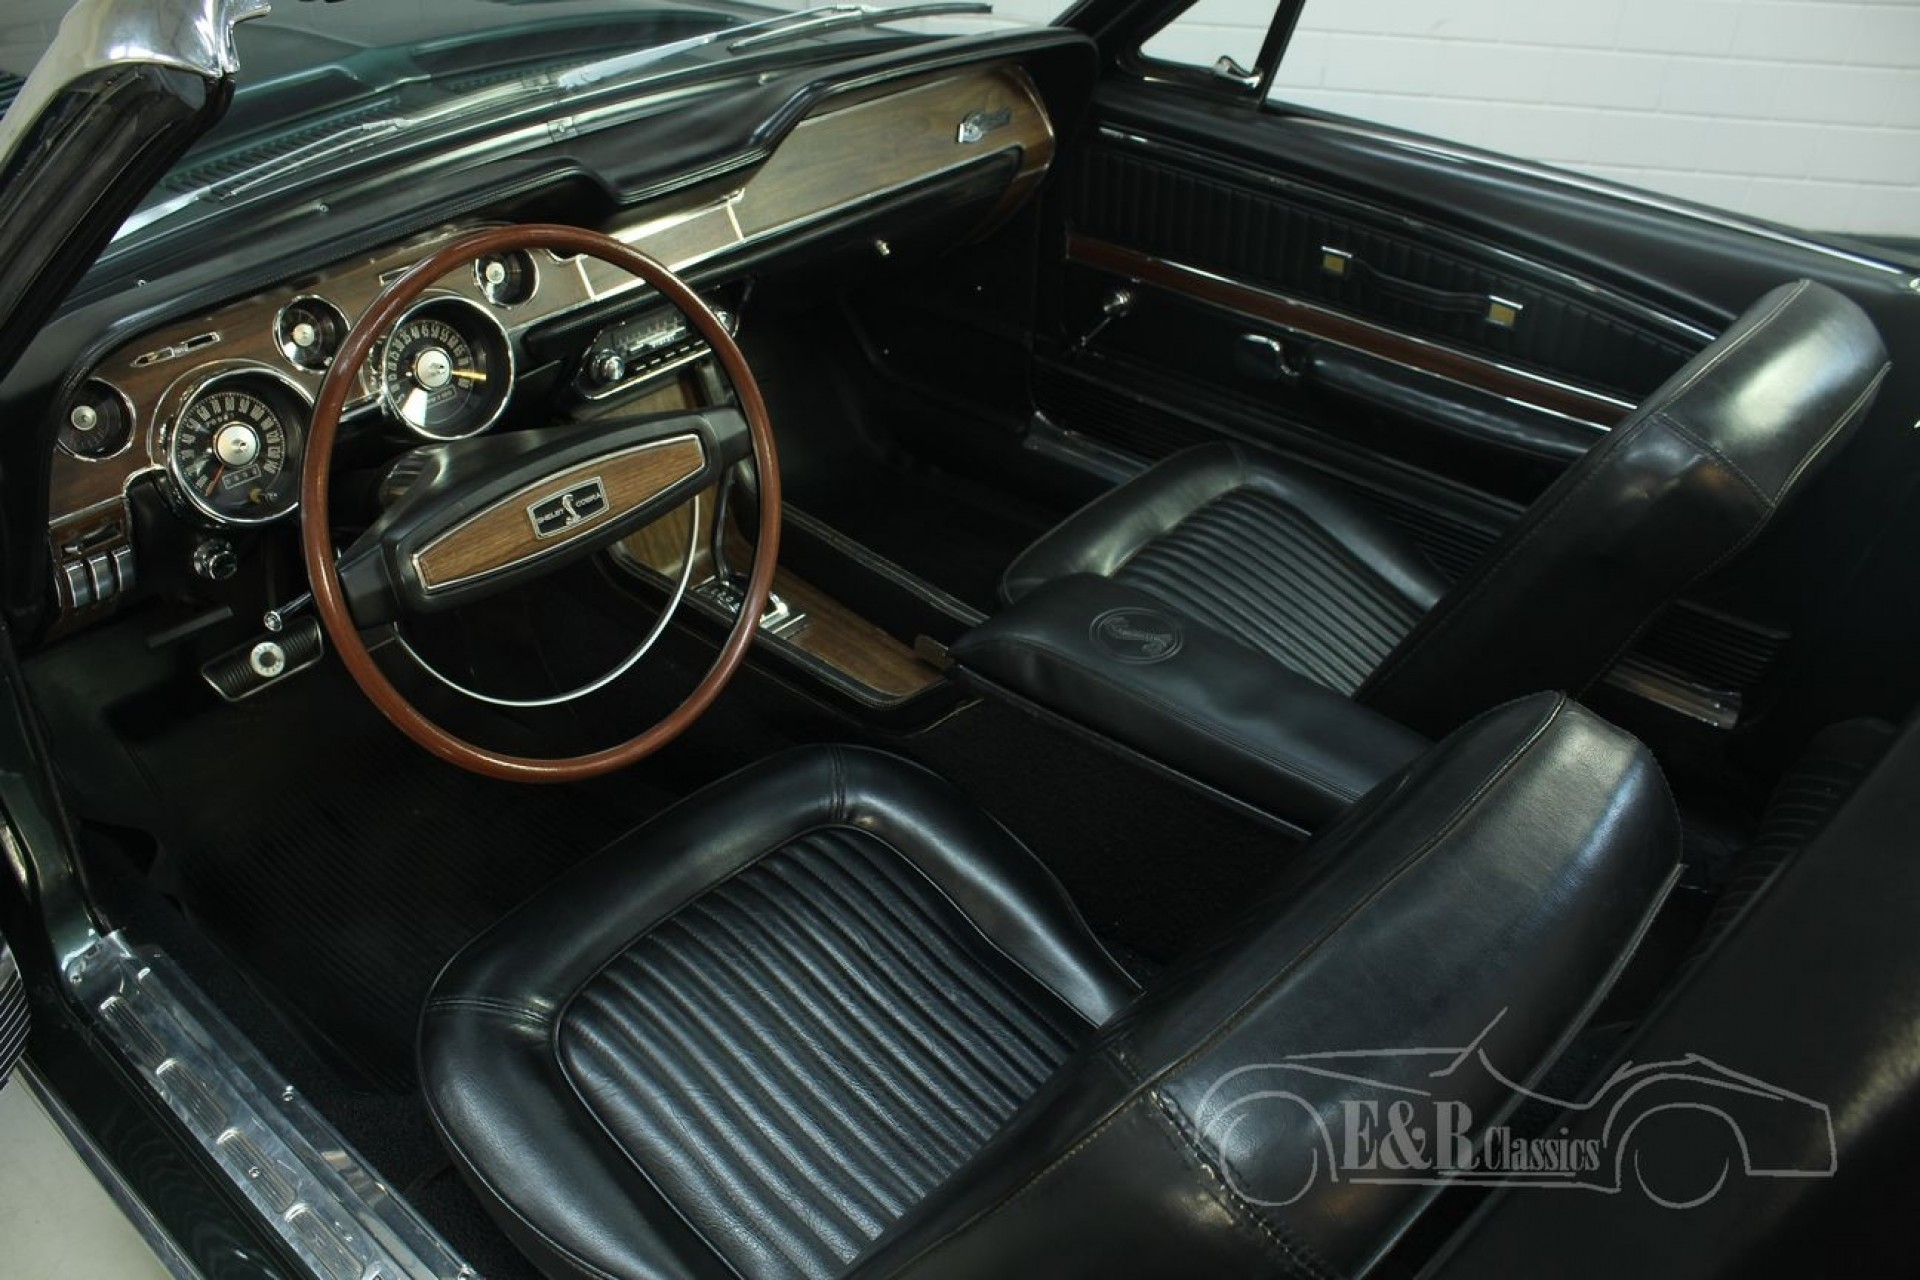 Bekijk alle fotos ford shelby gt500 1968 cabriolet kopen